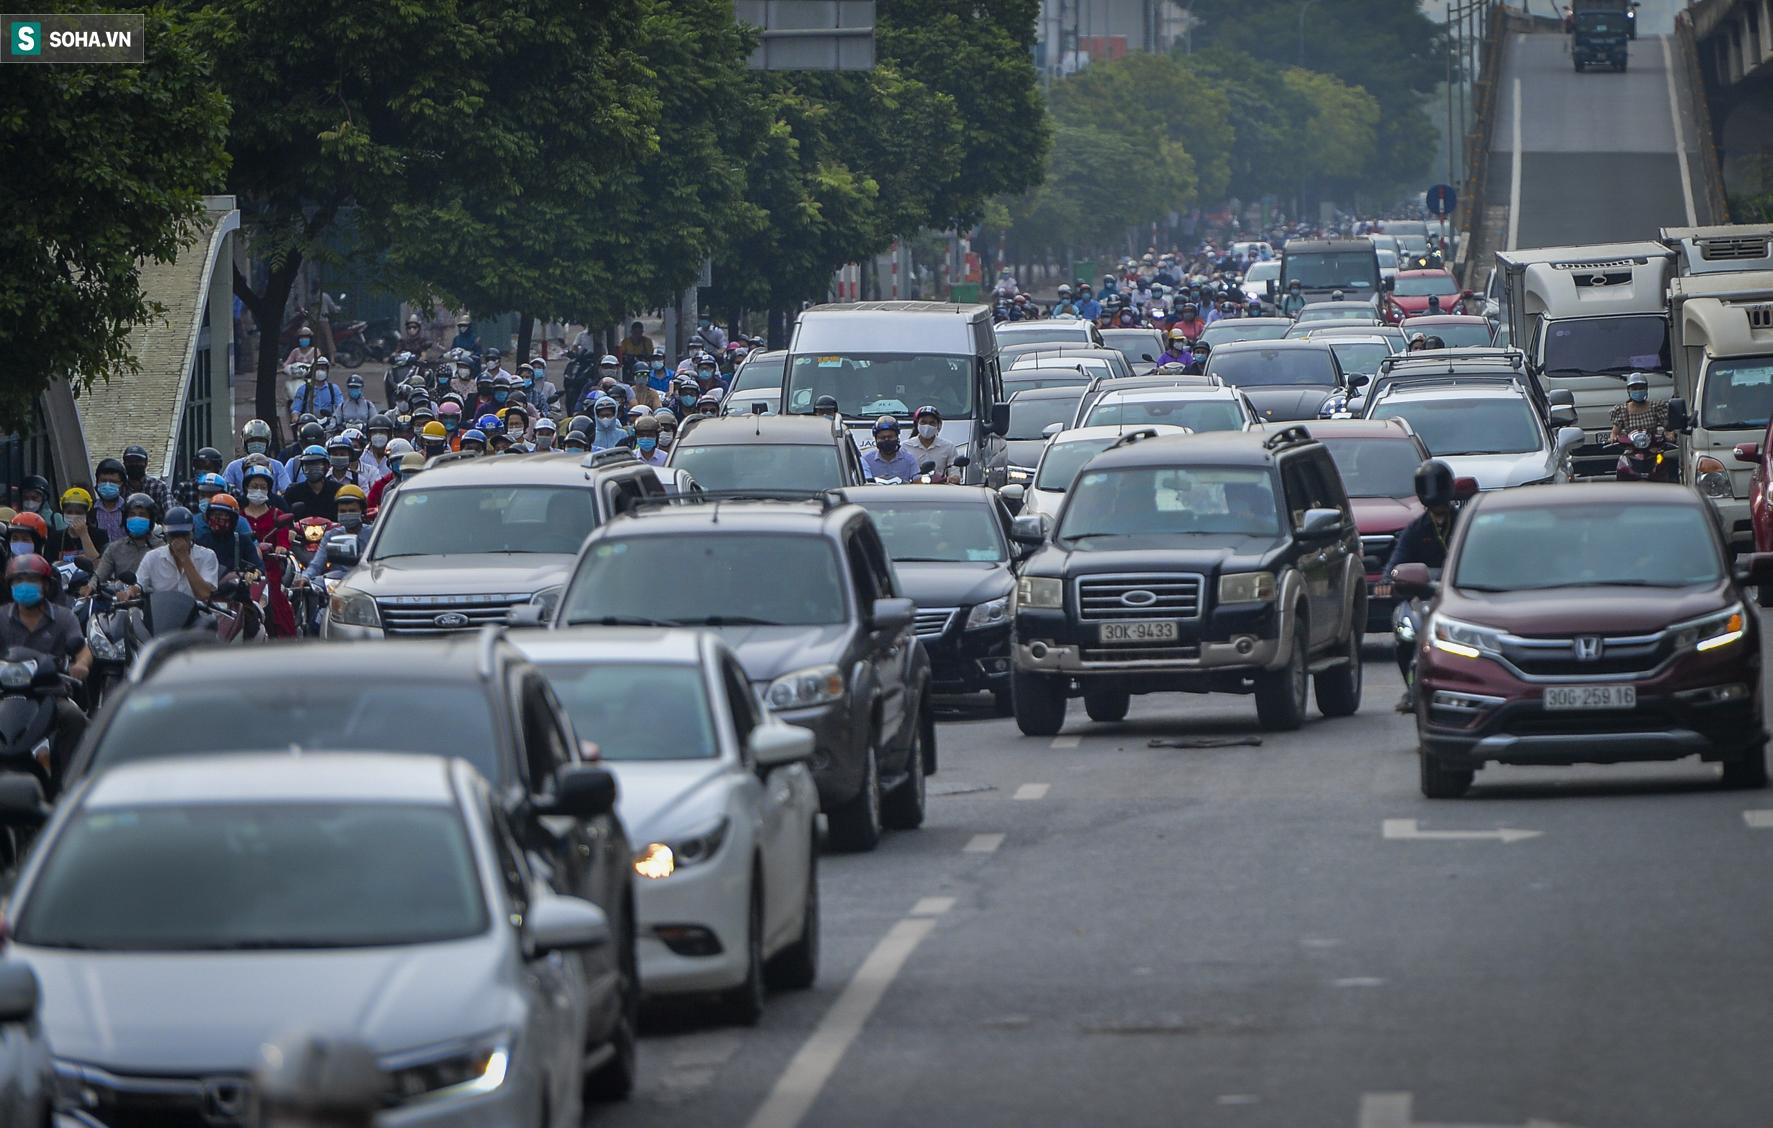 Ngày cuối giãn cách xã hội đợt 4, nhiều tuyến phố Hà Nội xe cộ tấp nập - Ảnh 8.